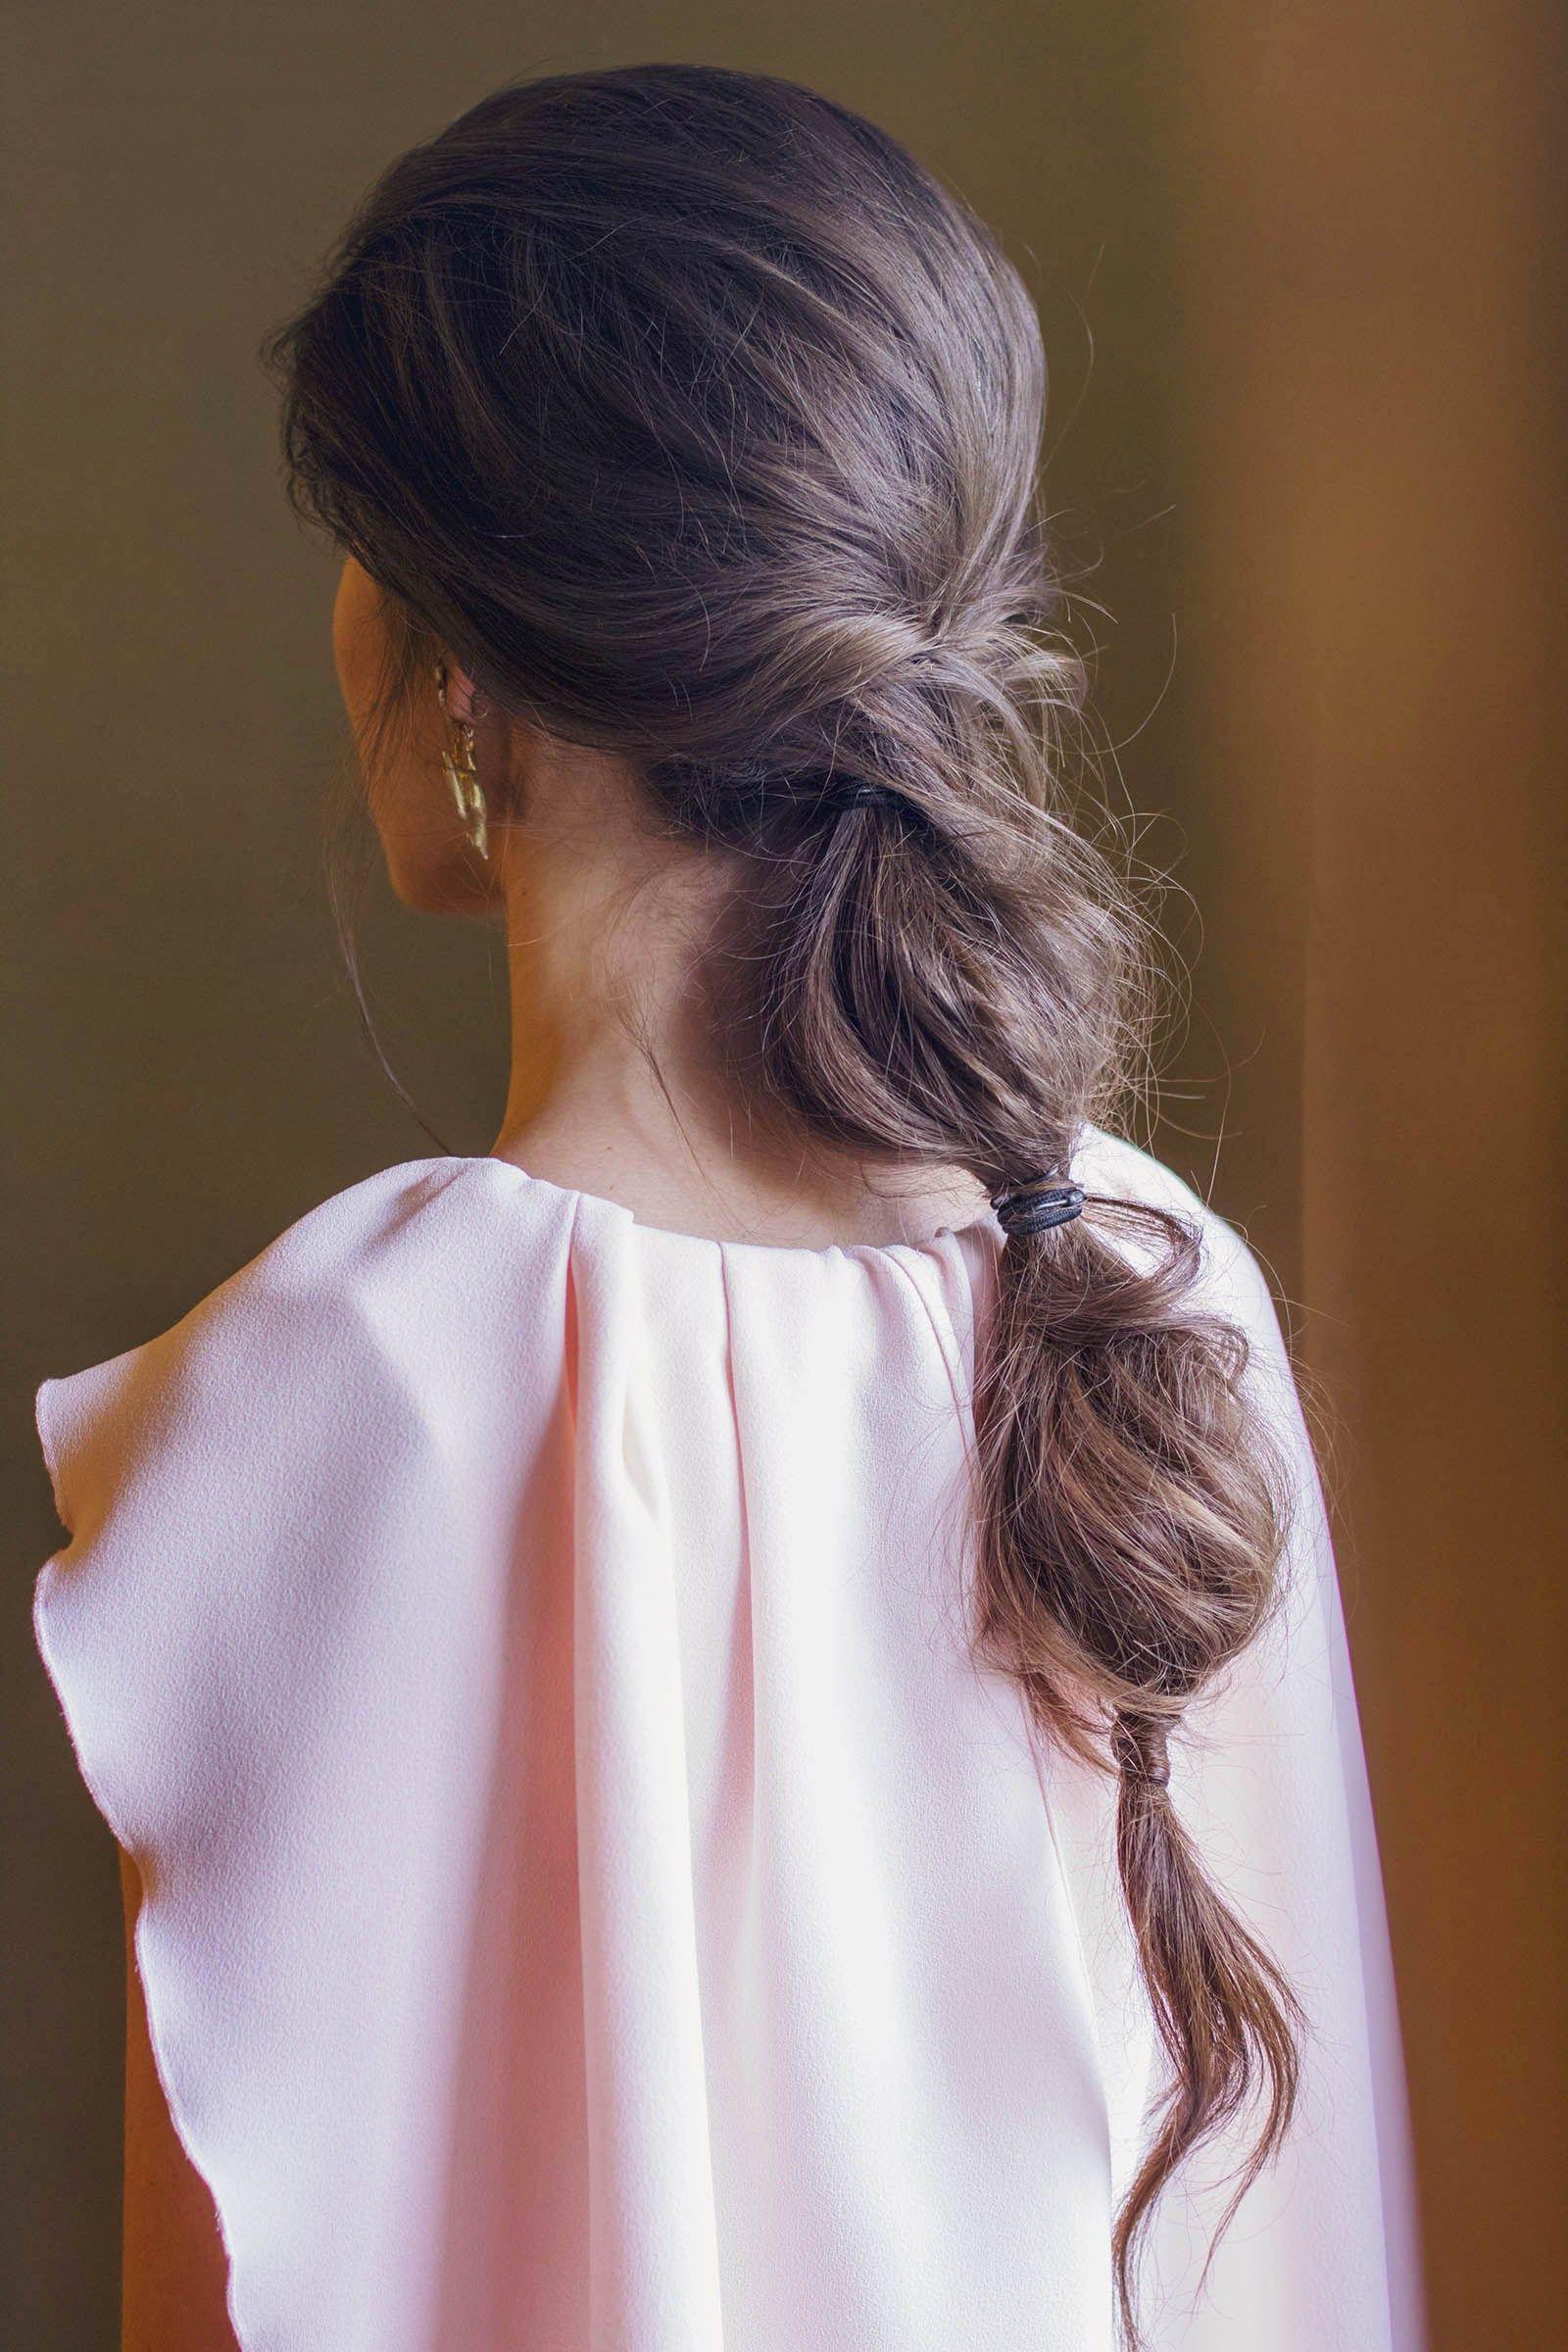 Coleta burbuja peinado invitada novia  e3abcf30aa96